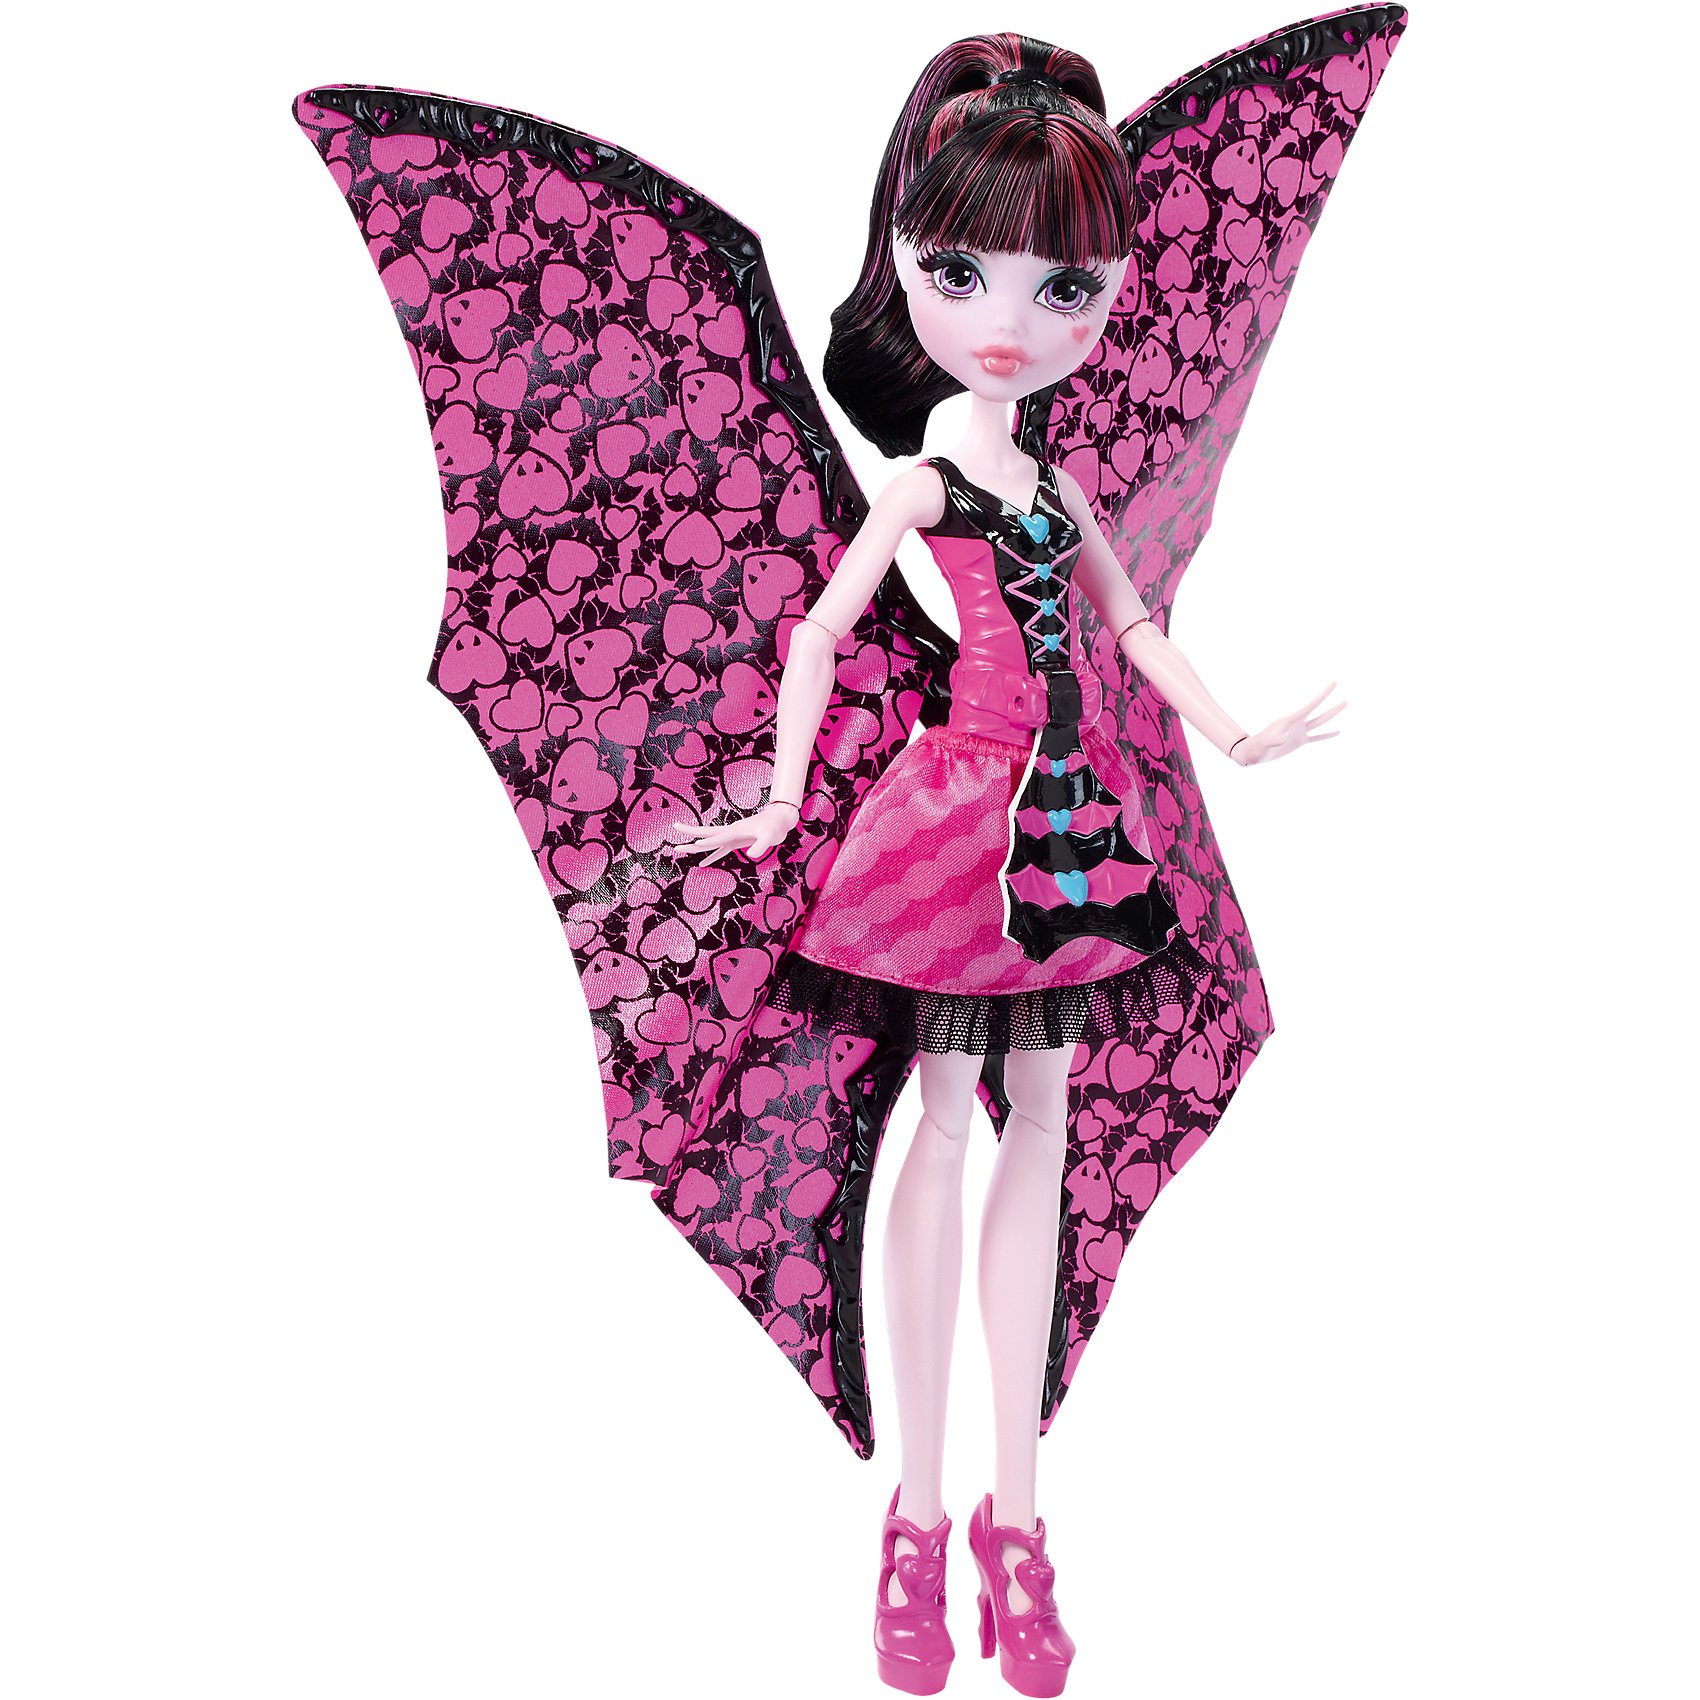 Mattel Дракулаура в трансформирующемся наряде, Monster High monster high кукла дракулаура цвет платья розовый черный